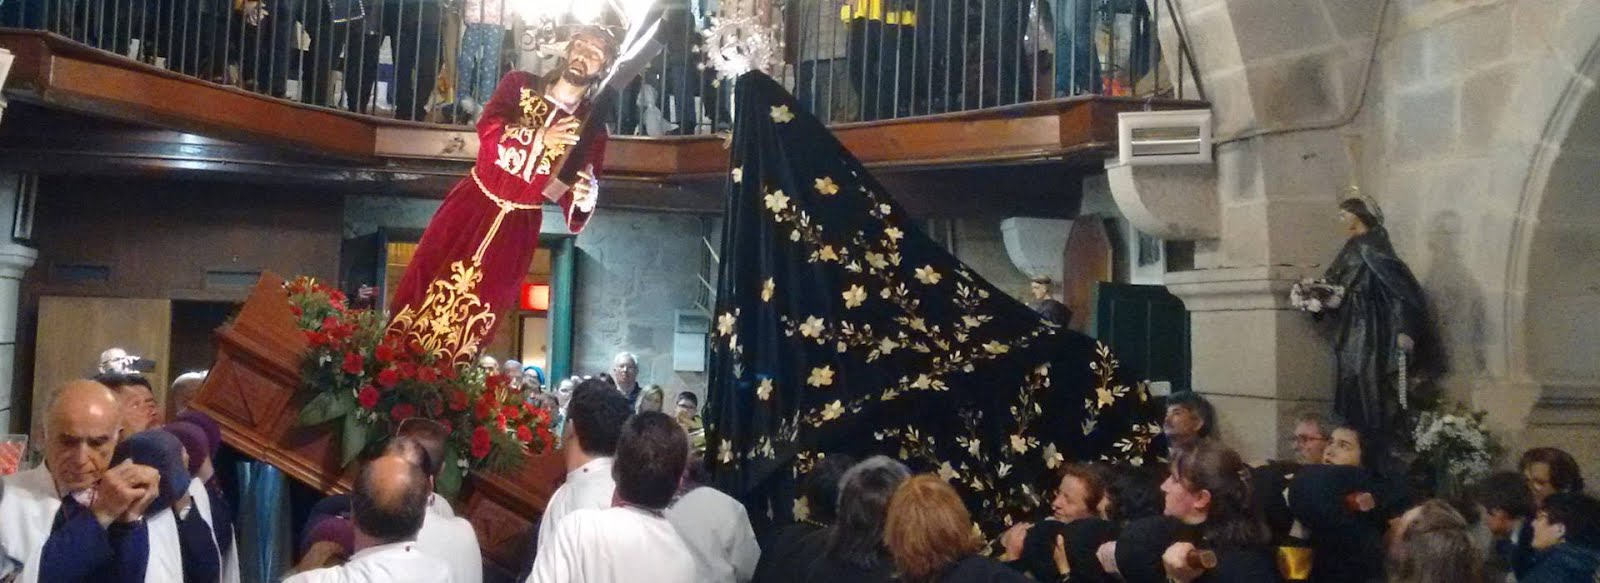 Al pie de la Cruz de Jesús, está María y nuestras Cofradías